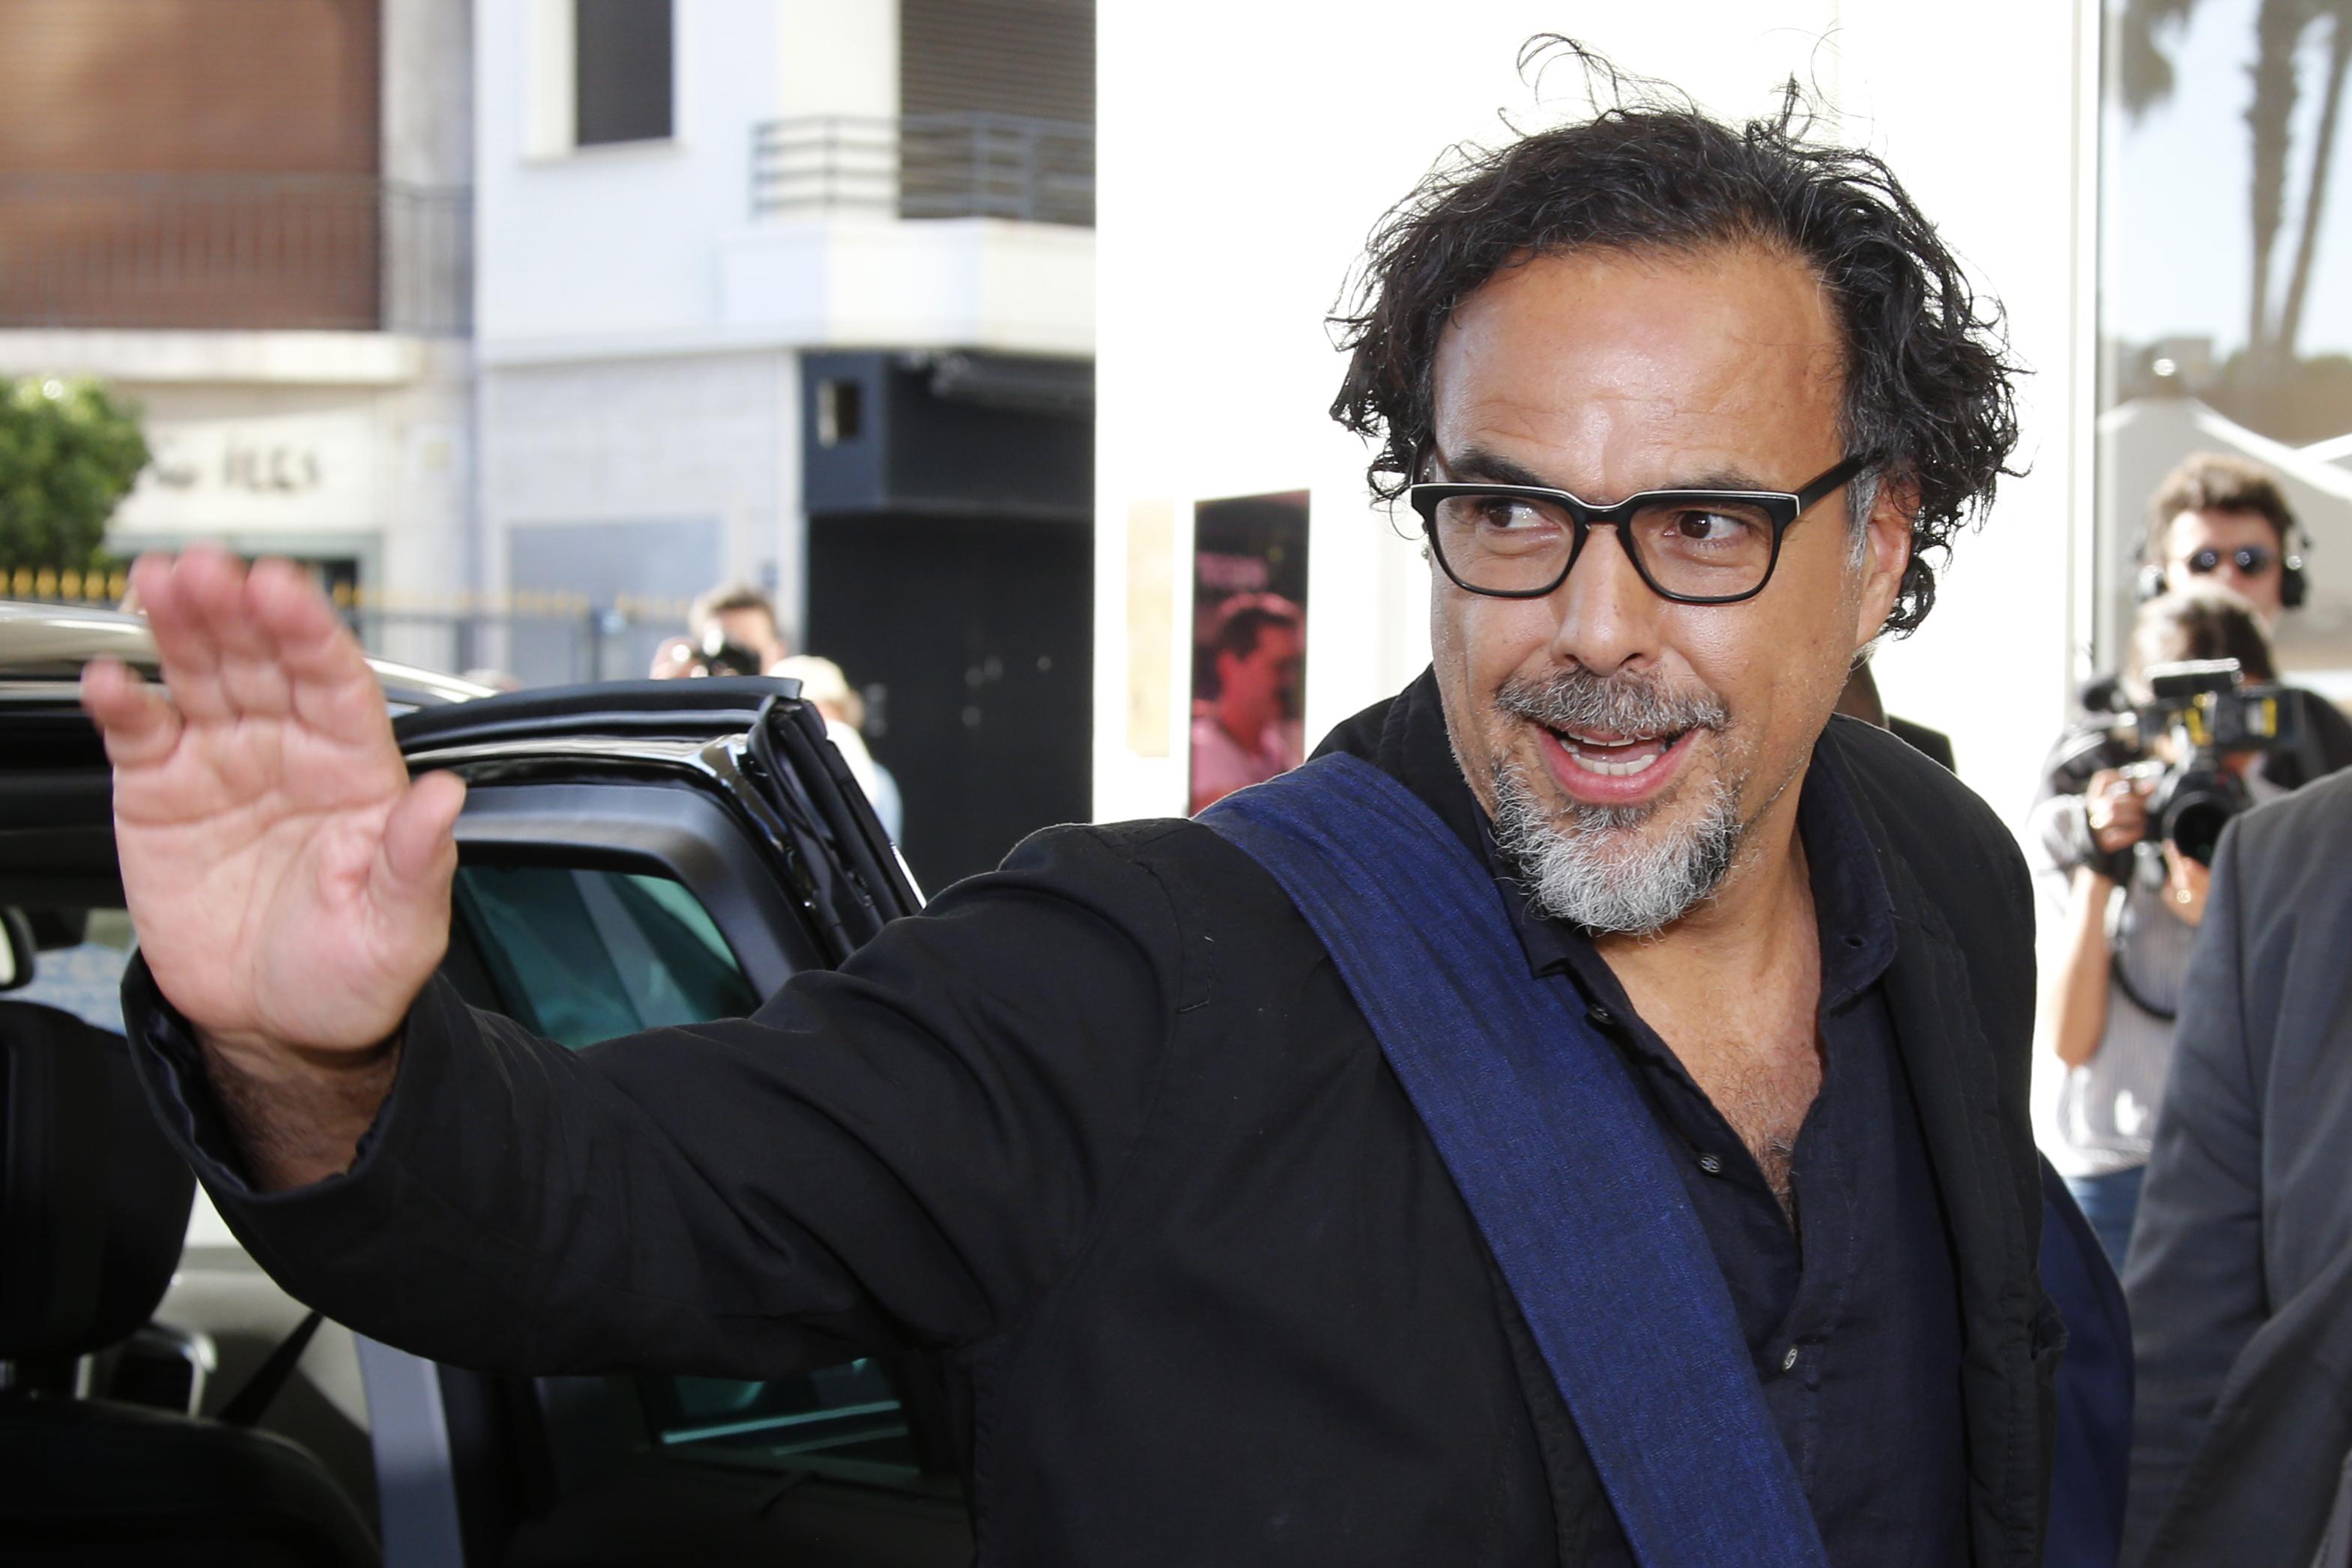 المخرج أليجاندرو جونزاليس يحى الحضور